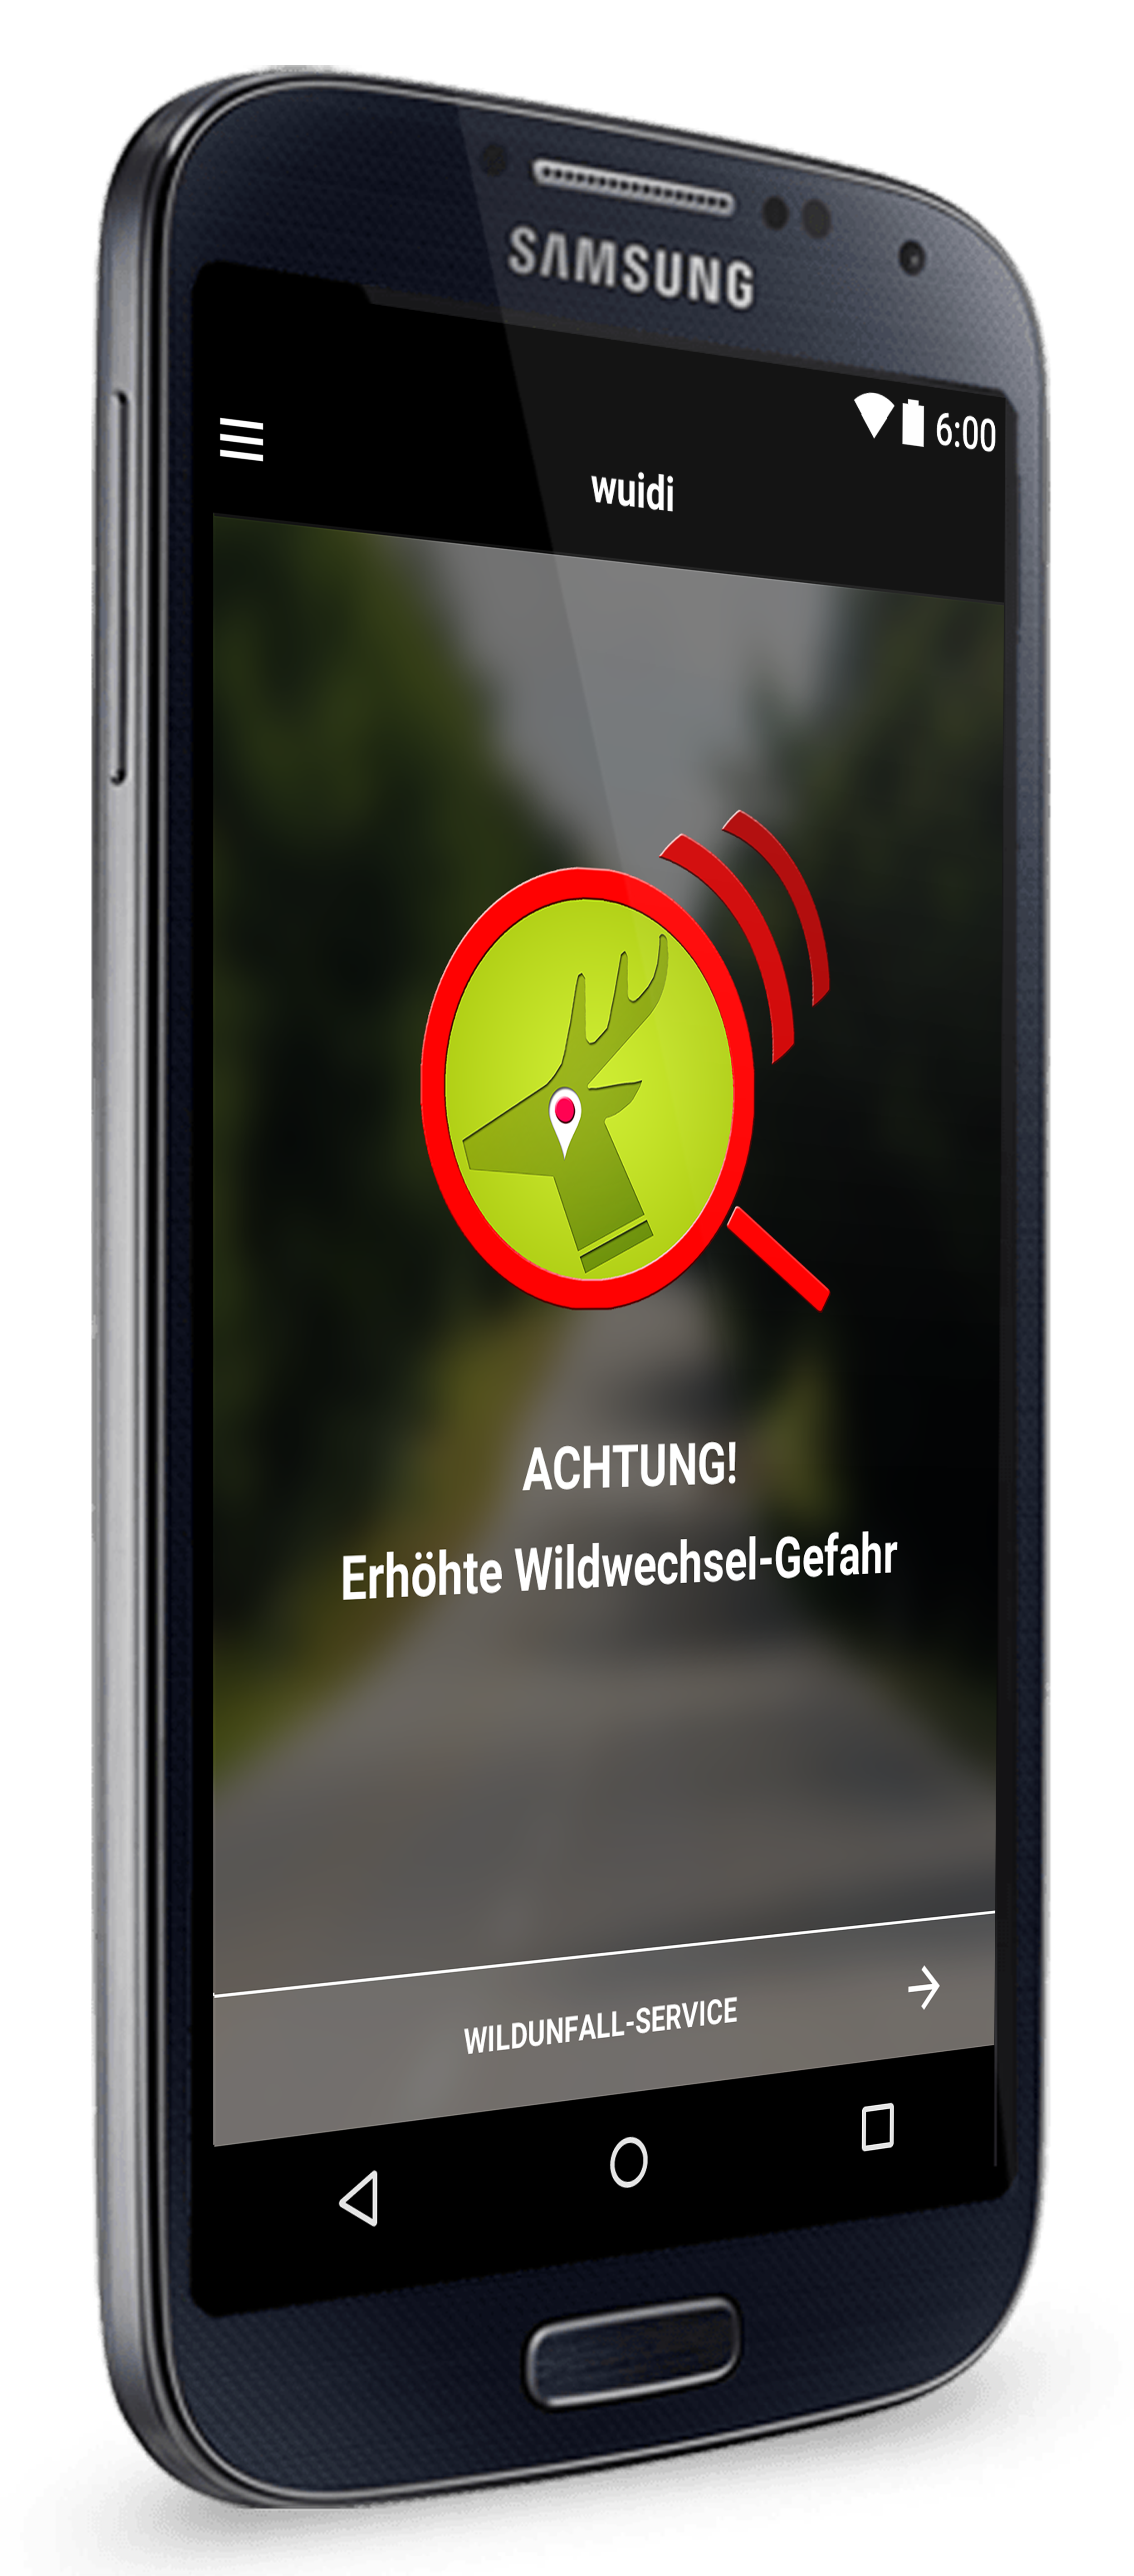 wuidi wildwechel warn app